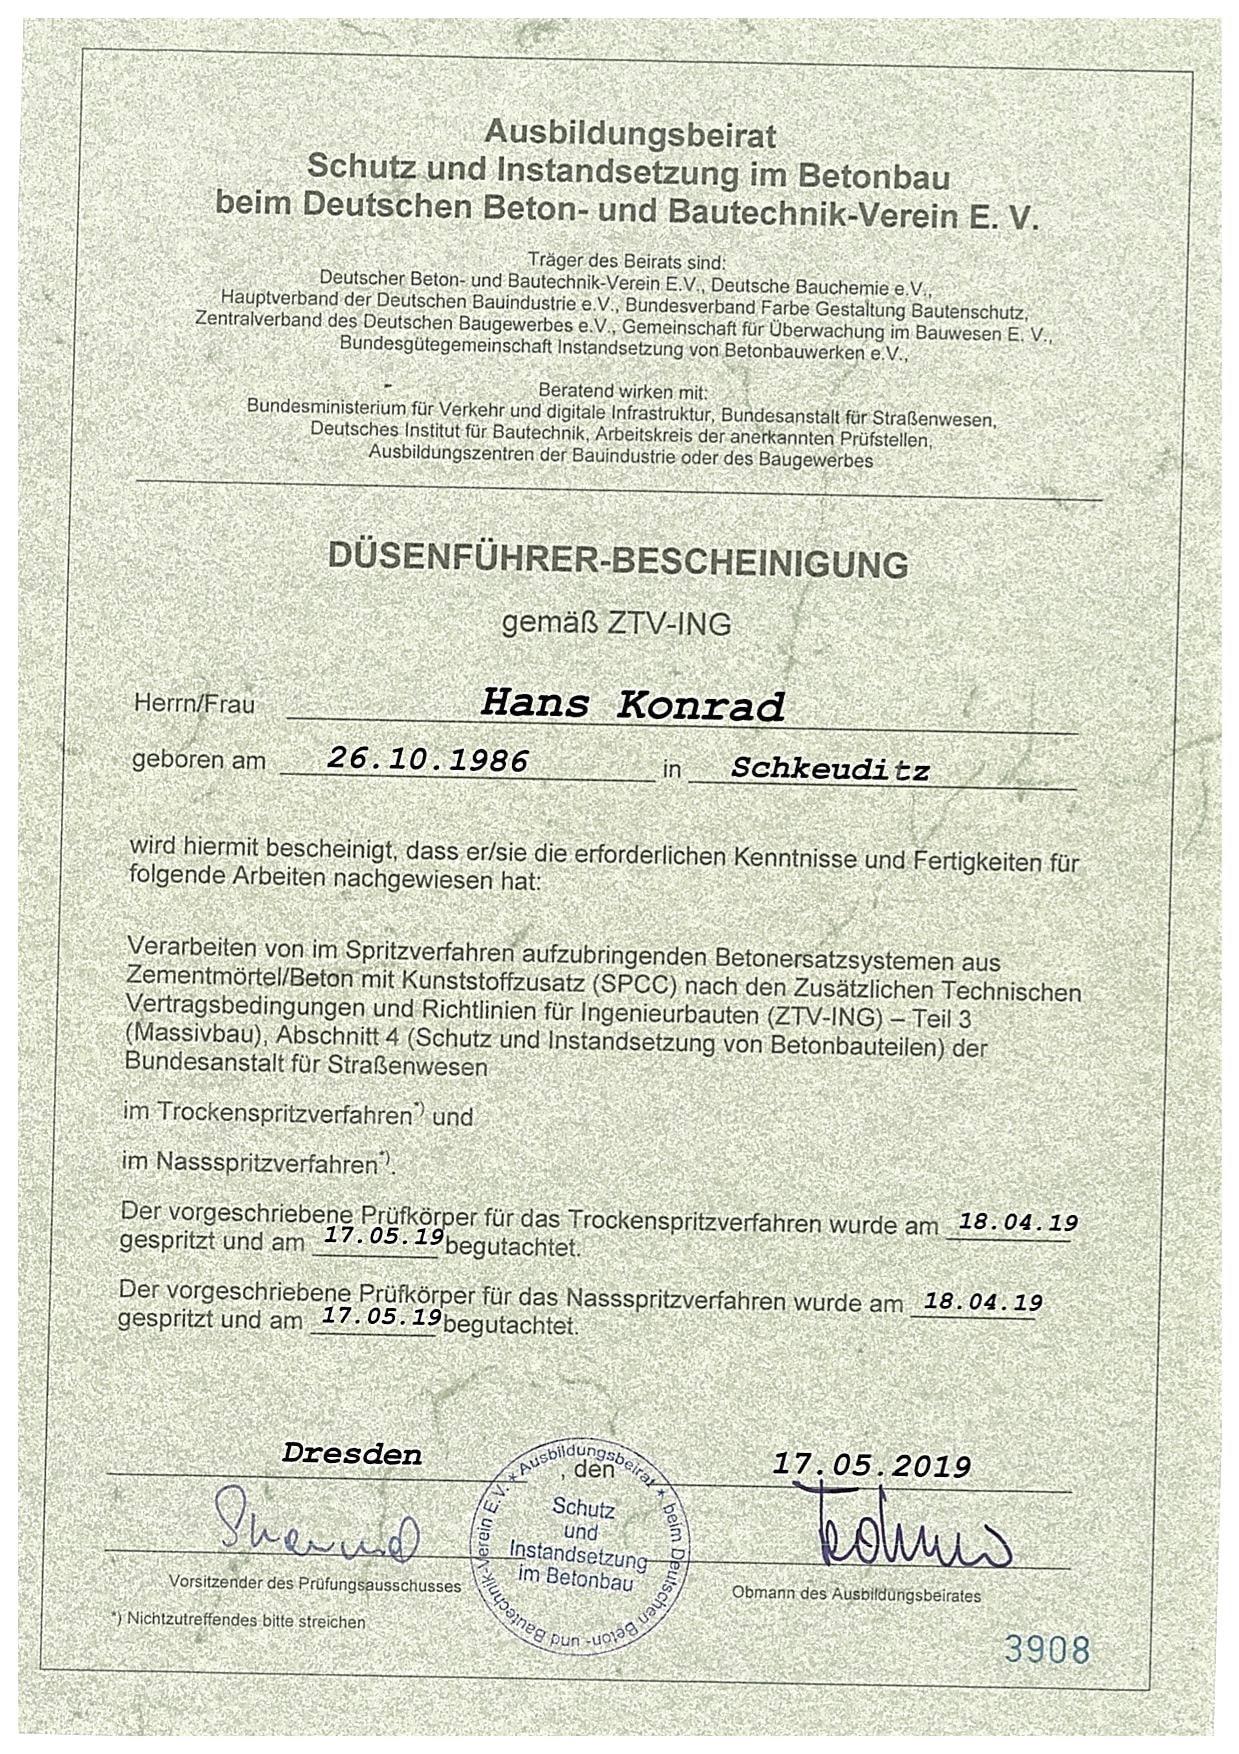 Düsenführer Bescheinigung Hans Konrad